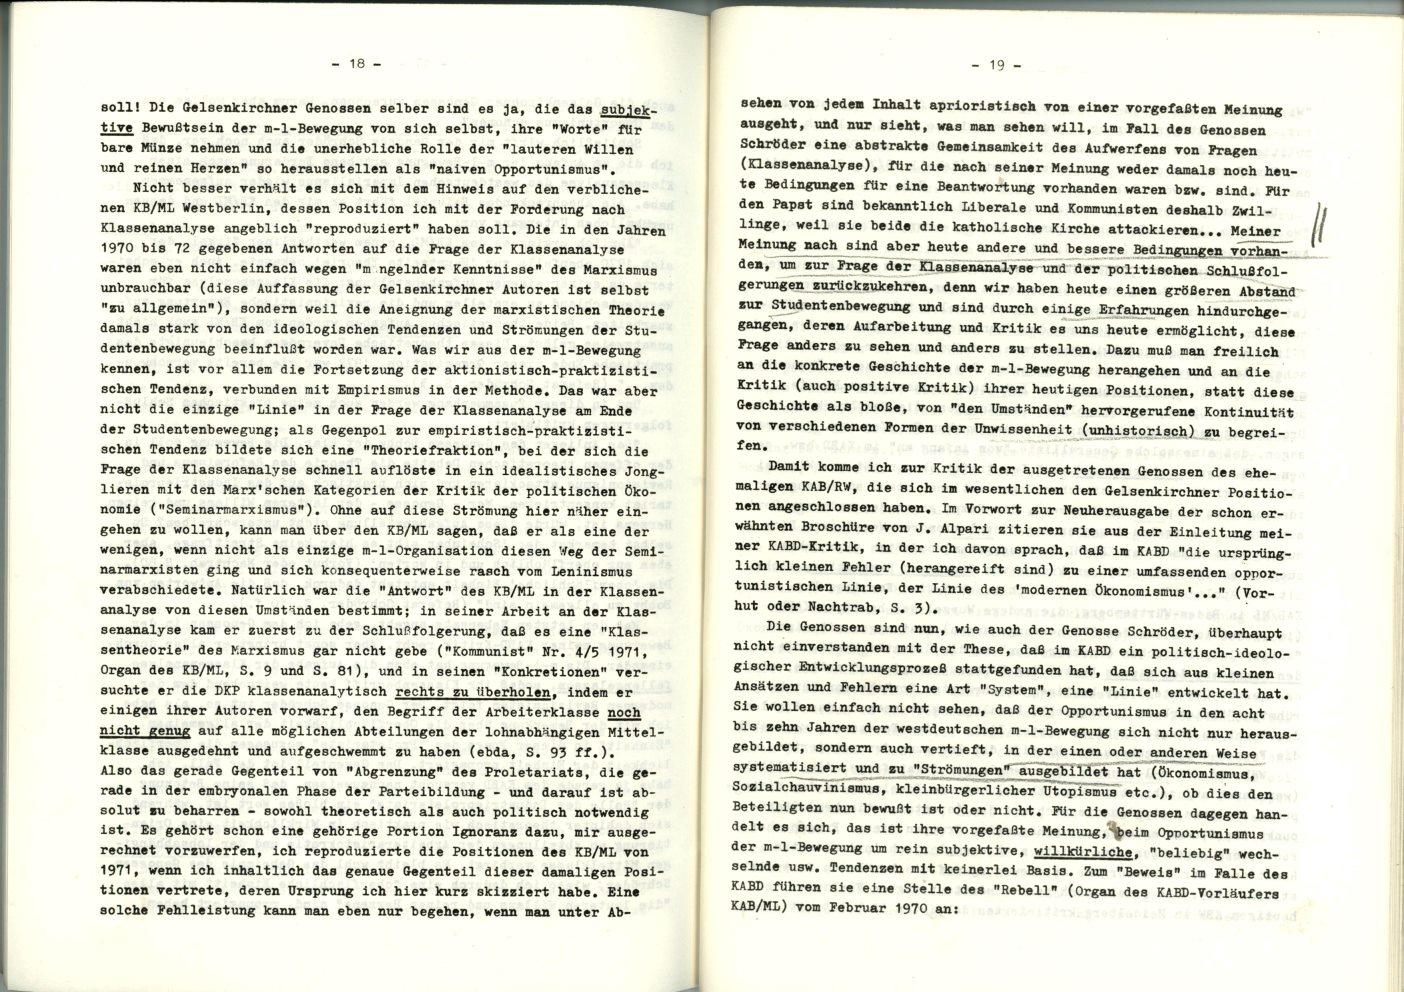 Nuernberg_Fuerth_Erlangen_ML_Diskussionsbeitraege_1979_02_10